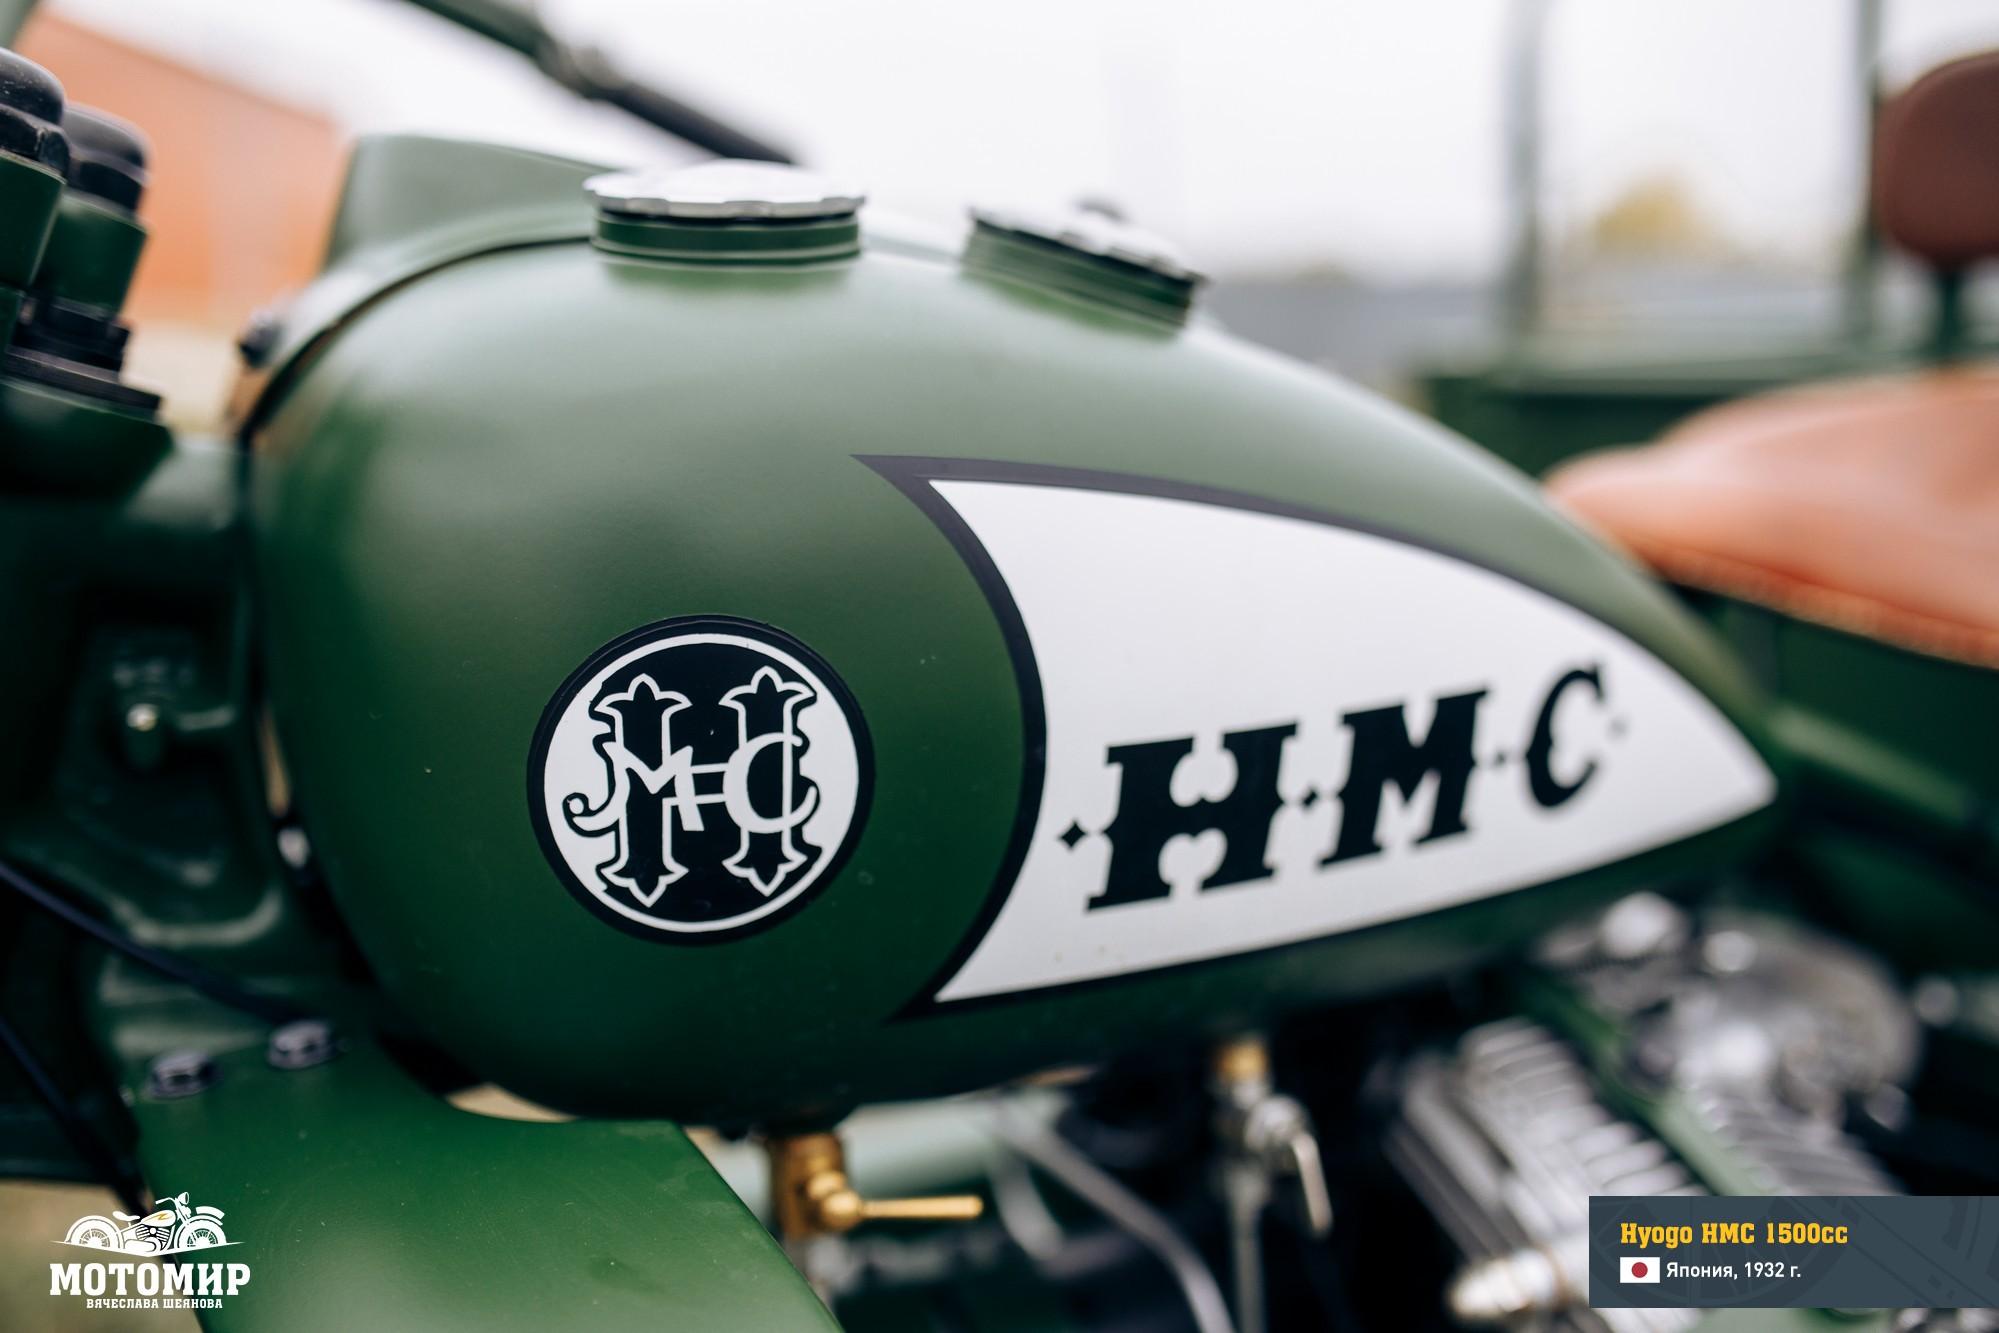 hyogo-hmc-1500-cc-web-39